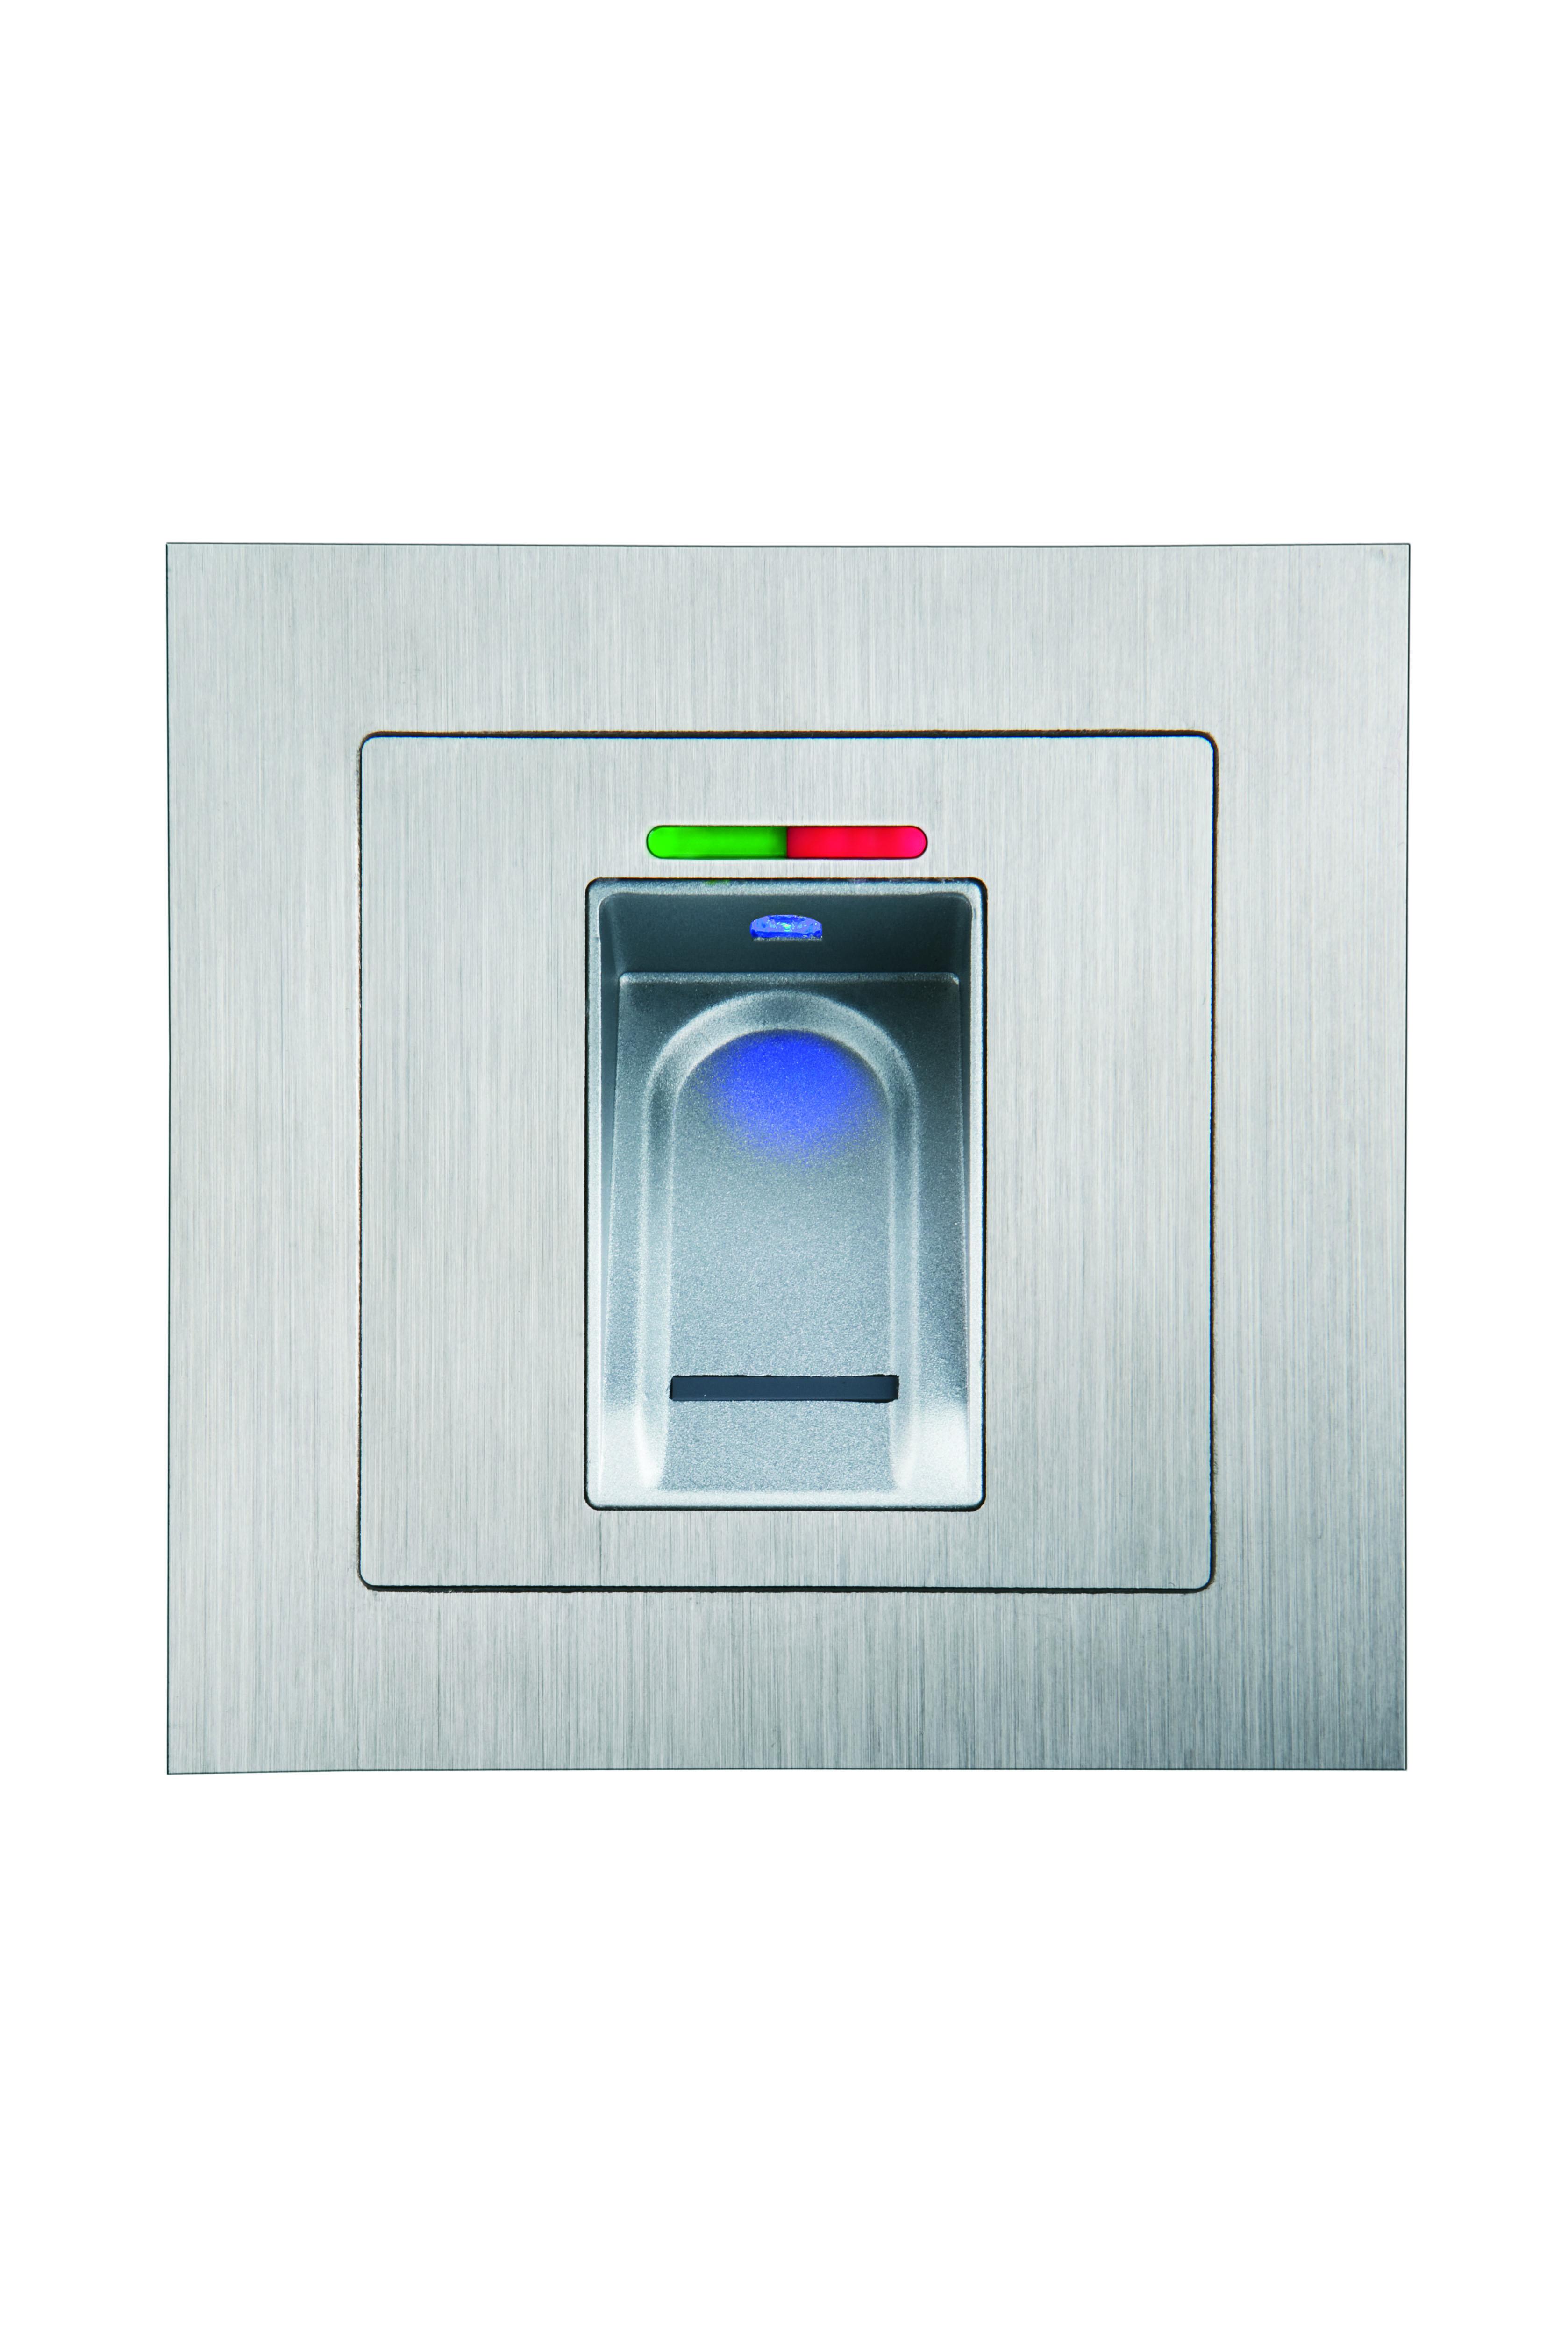 Vingerscanner netwerk RS485 - Inbouw zilver